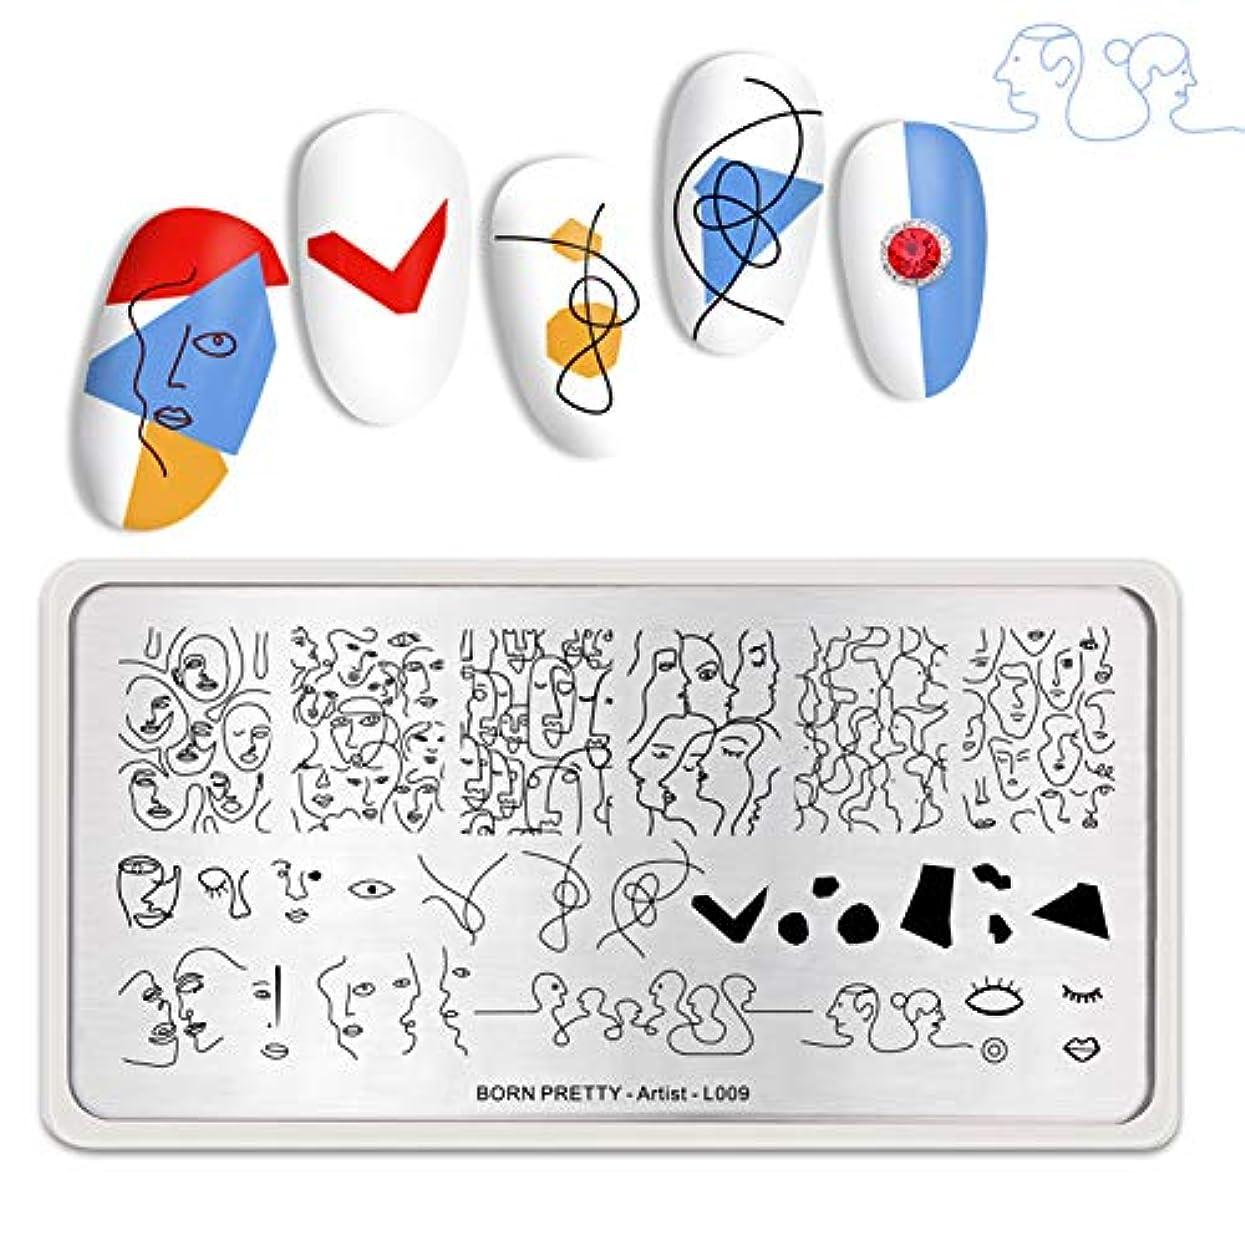 分析的黙昇るBORN PRETTY ネイルプレート 1枚 アーティストシリーズ スタンプネイル スタンププレート 長方形ネイルアートスタンピングプレートツール Artist -L009 12*6cm [並行輸入品]